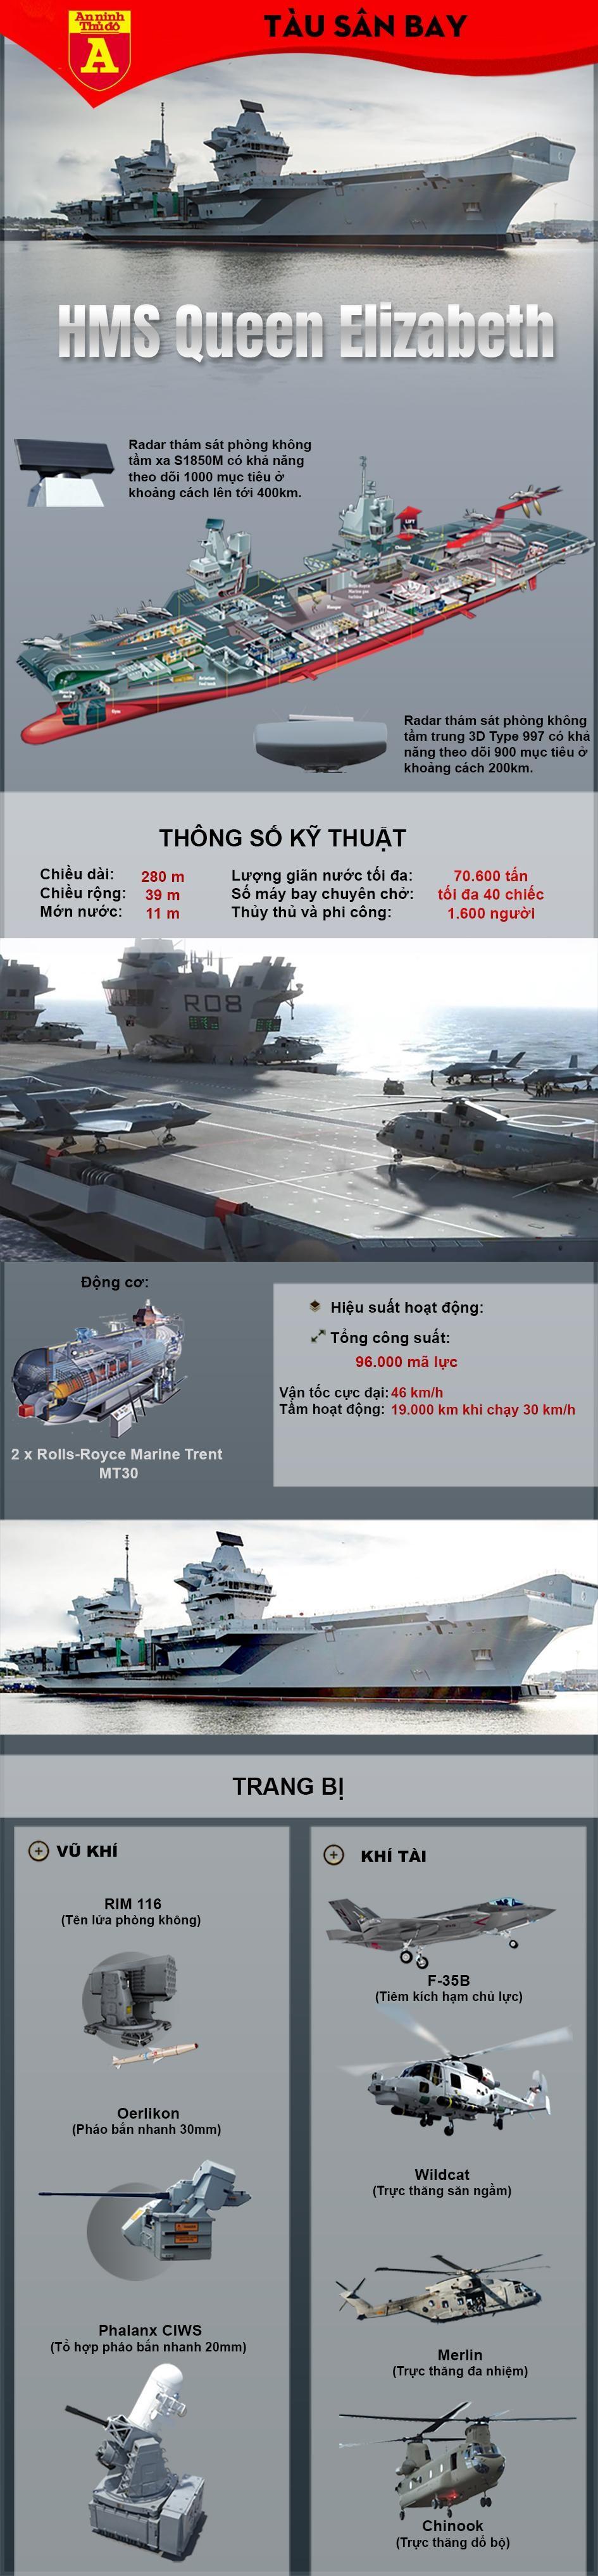 [Info] Lý do Anh điều tàu sân bay đến Biển Đông ảnh 3